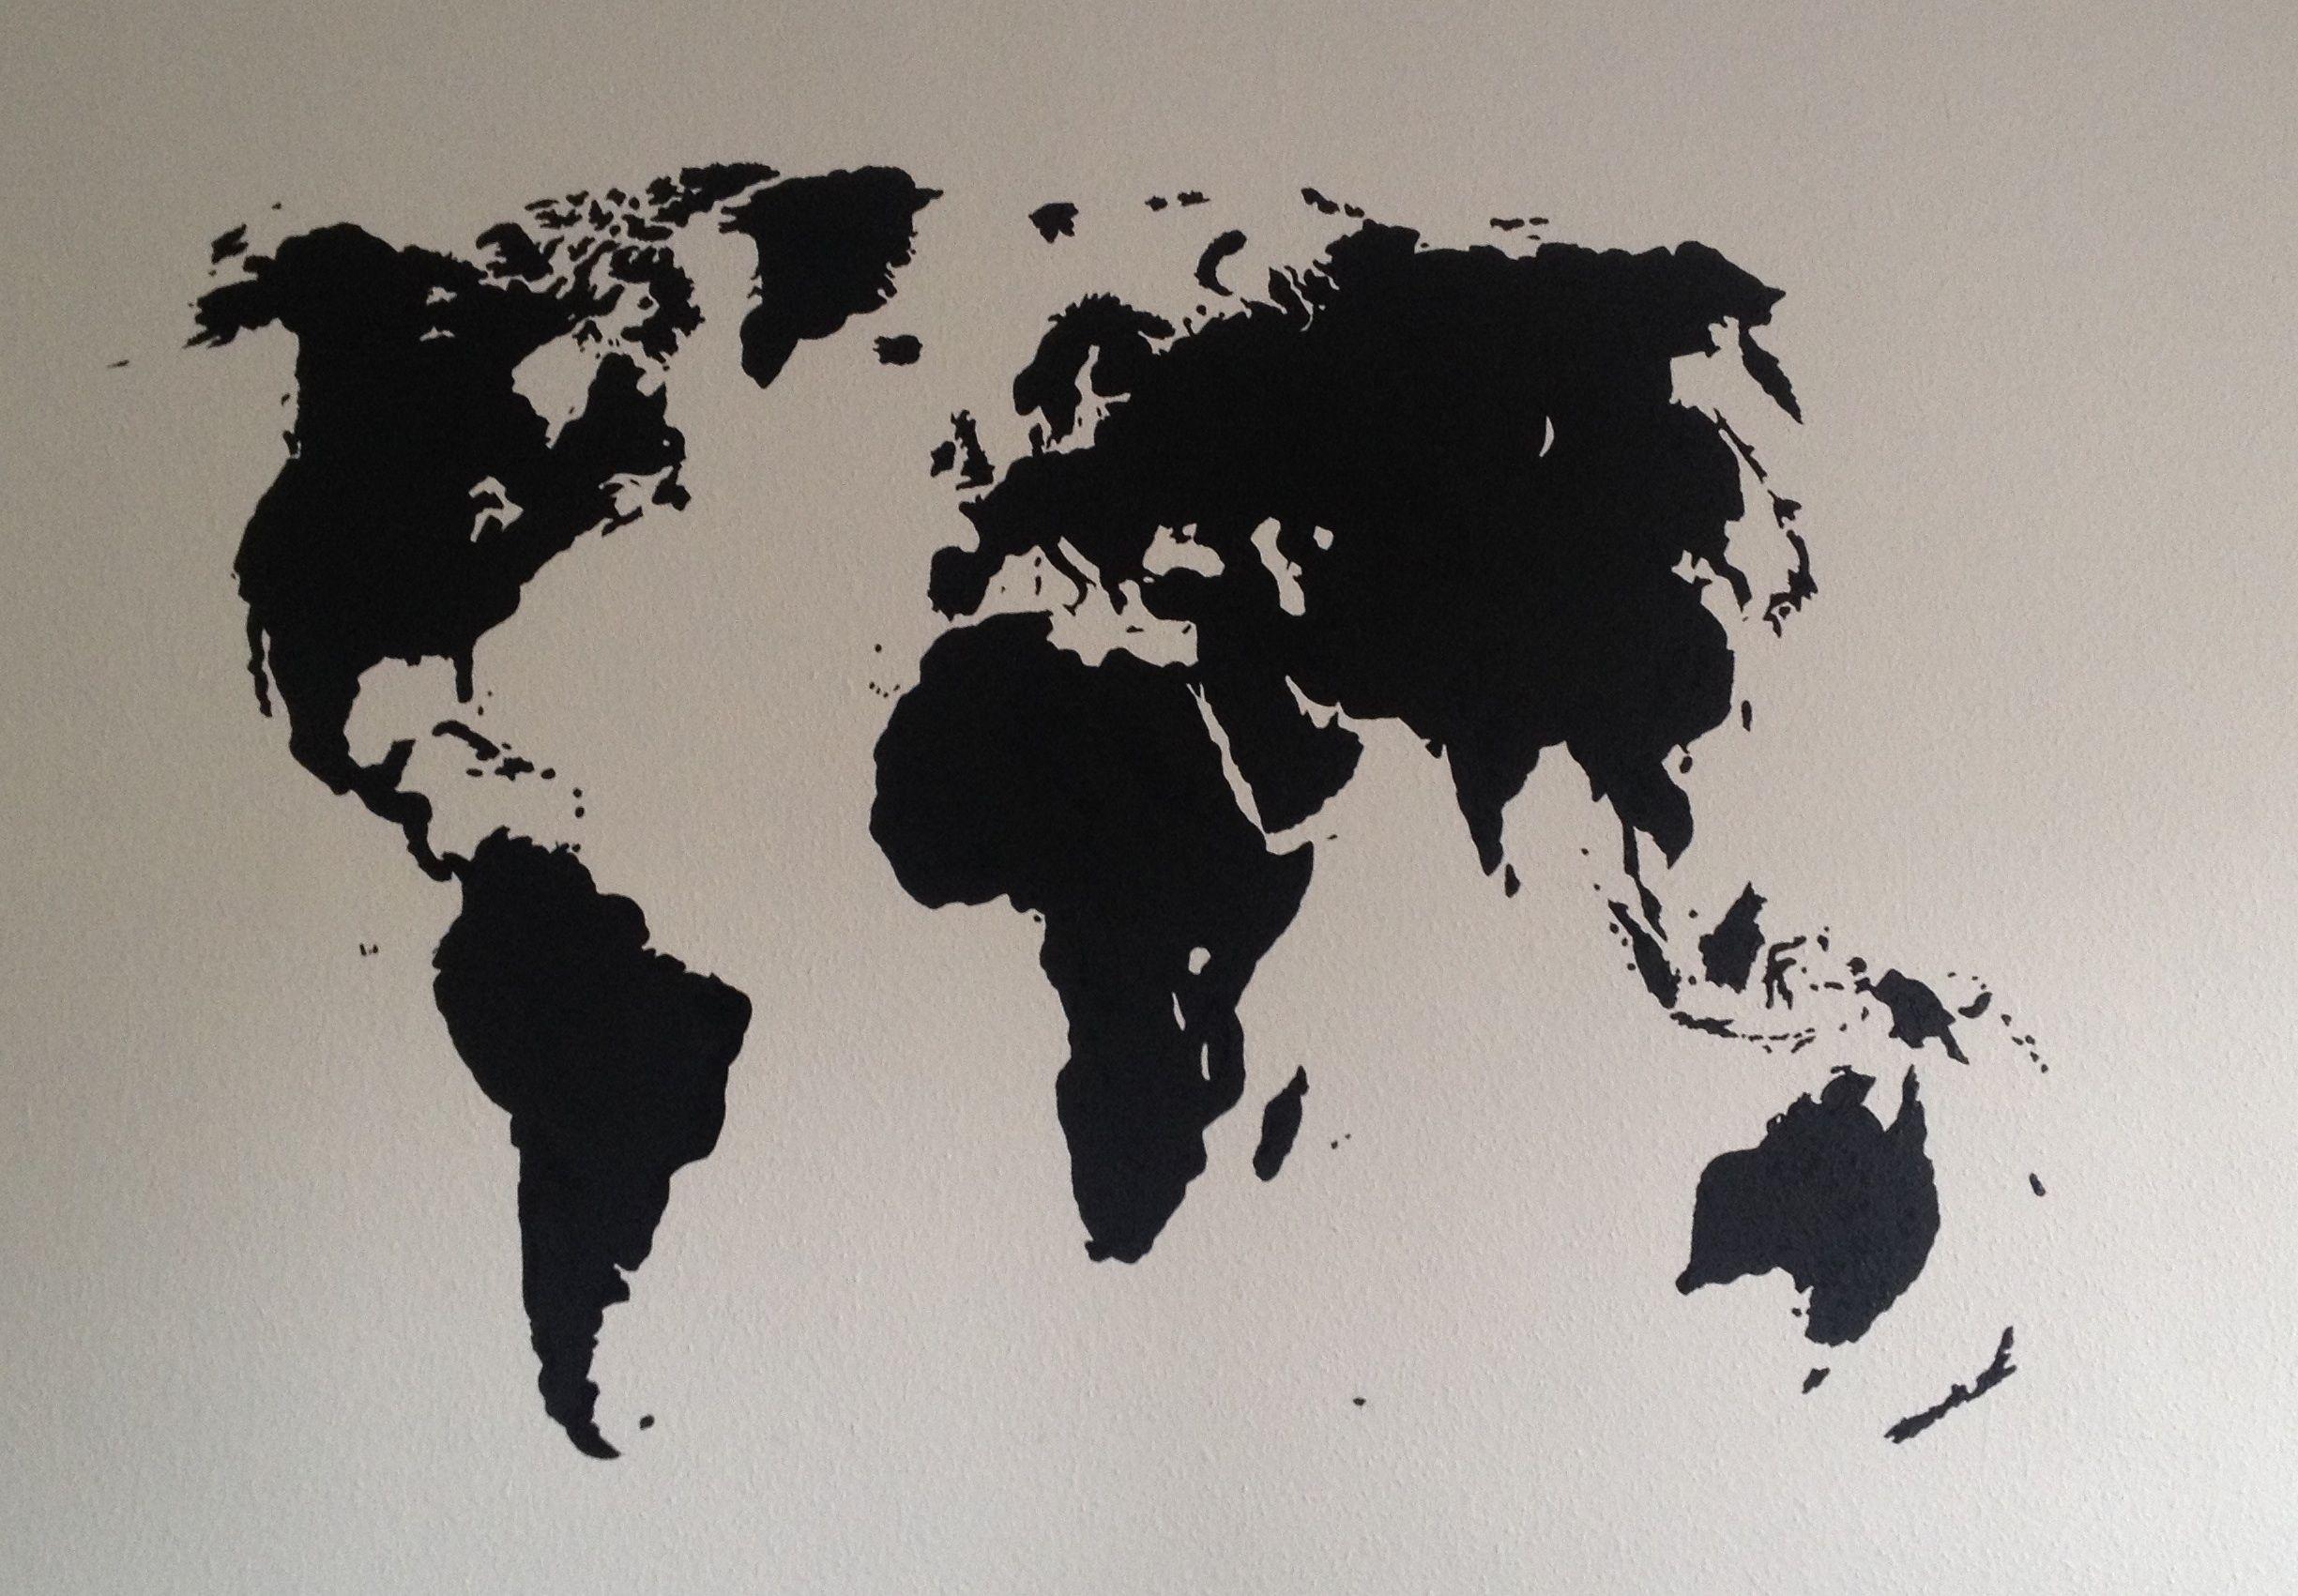 Weltkarte Auf Wand Gemalt Mit Bildern Weltkarte Wand Malen